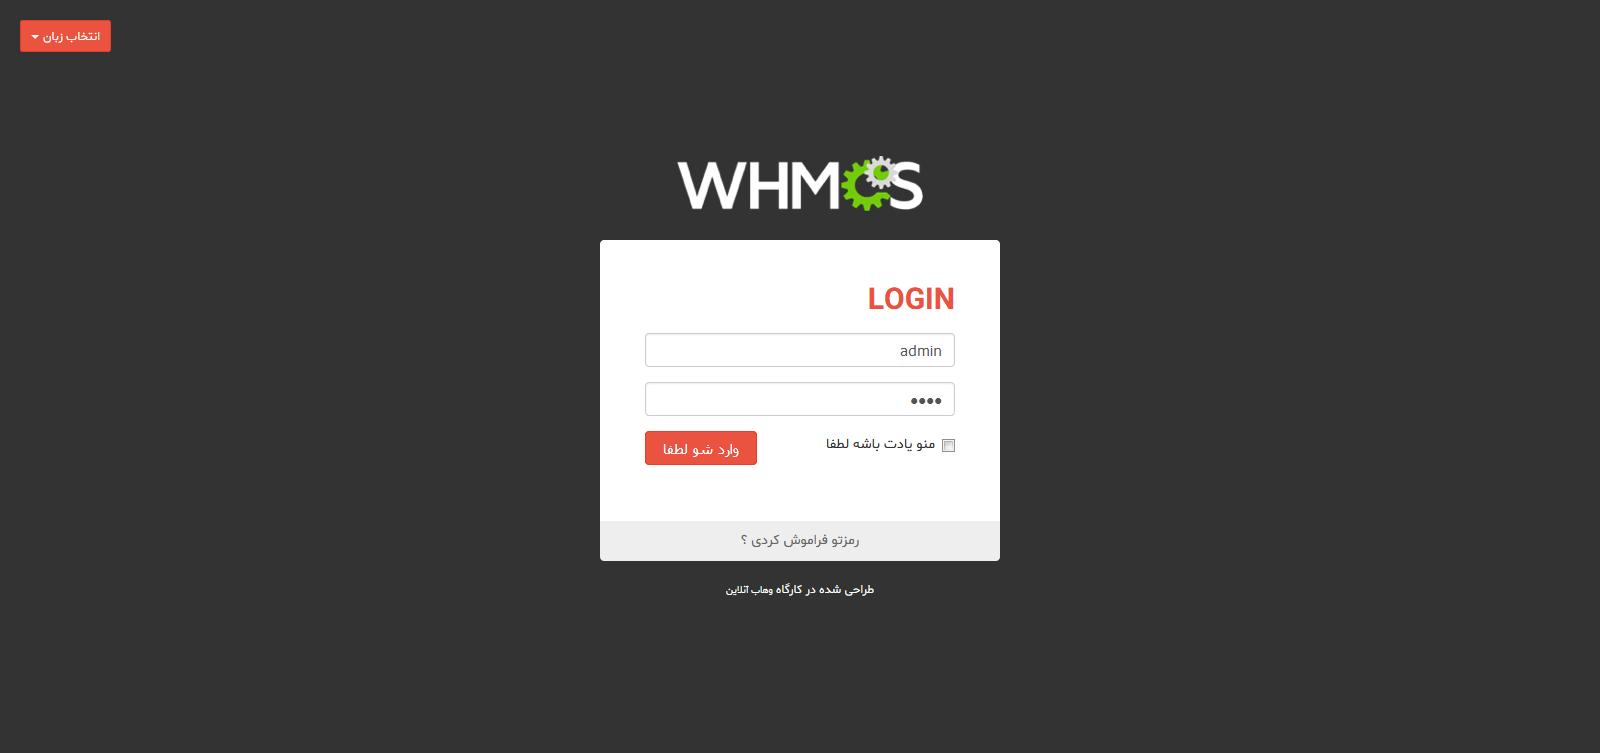 قالب مدیریت whmcs ام وان